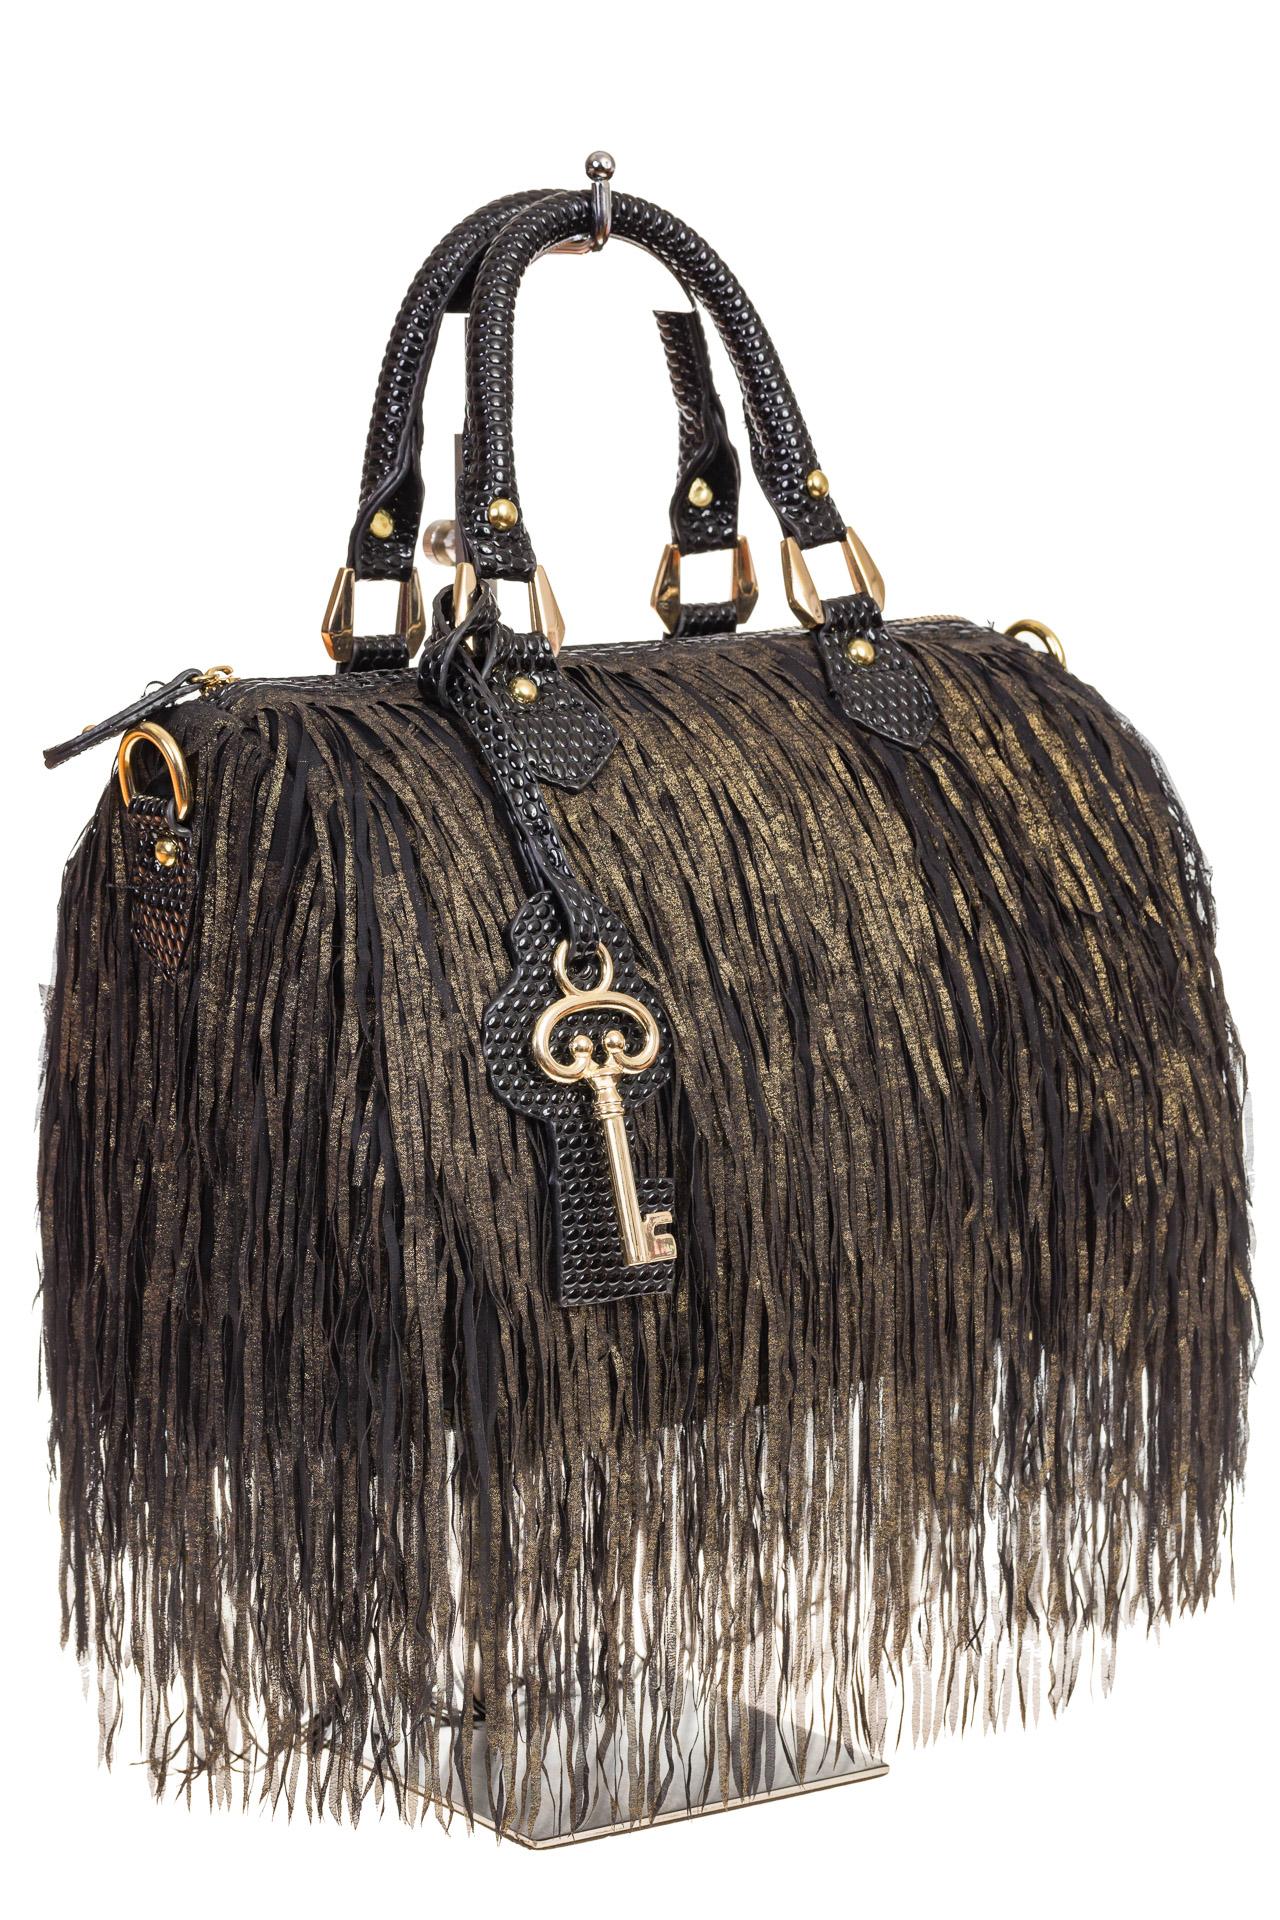 Сумка из эко-кожи типа Dome bag украшена бахромой, для оптовых покупателей